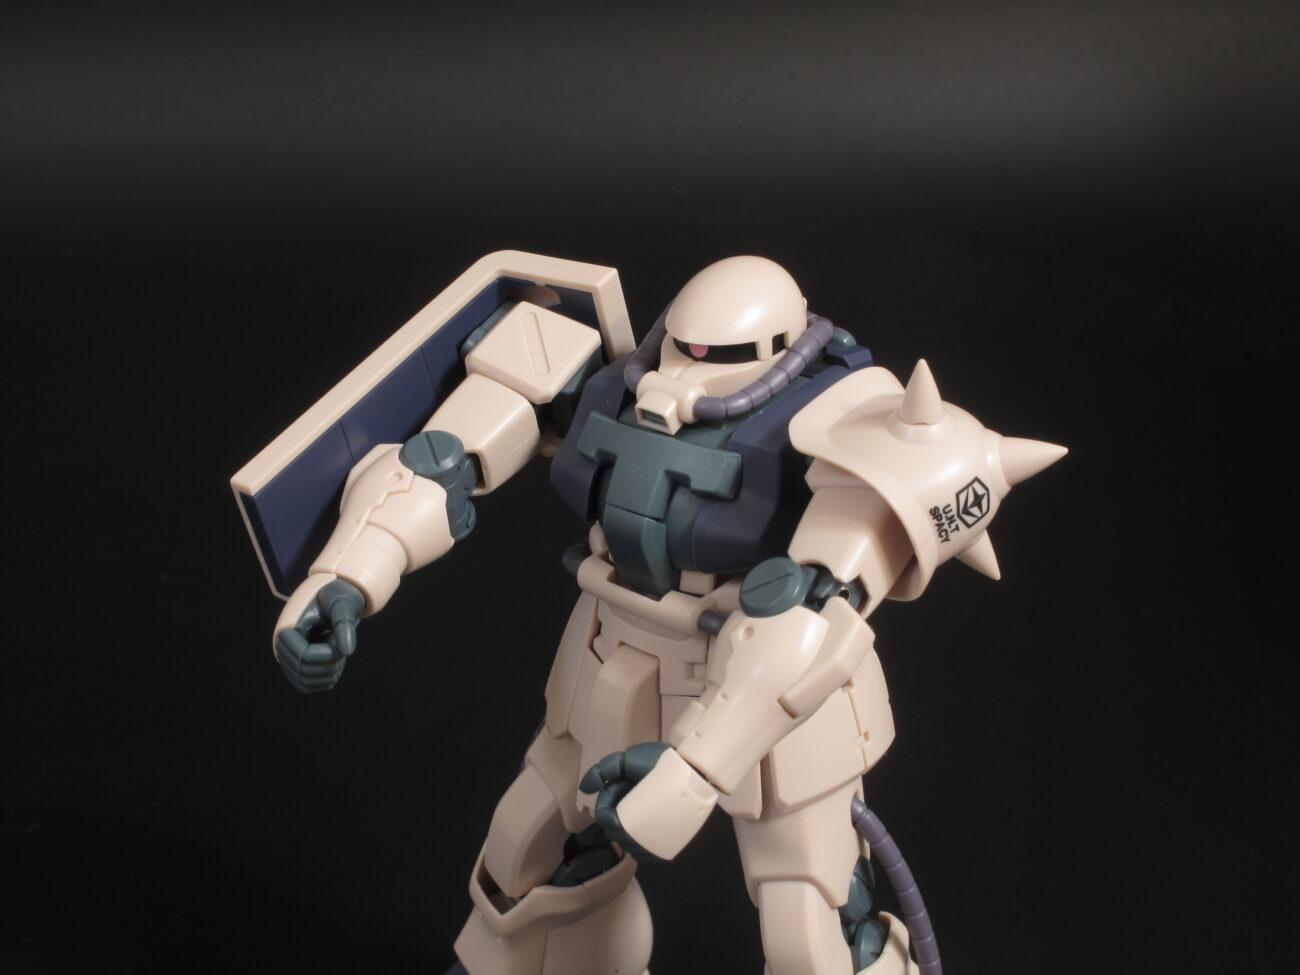 ザクⅡF2型 連邦軍仕様